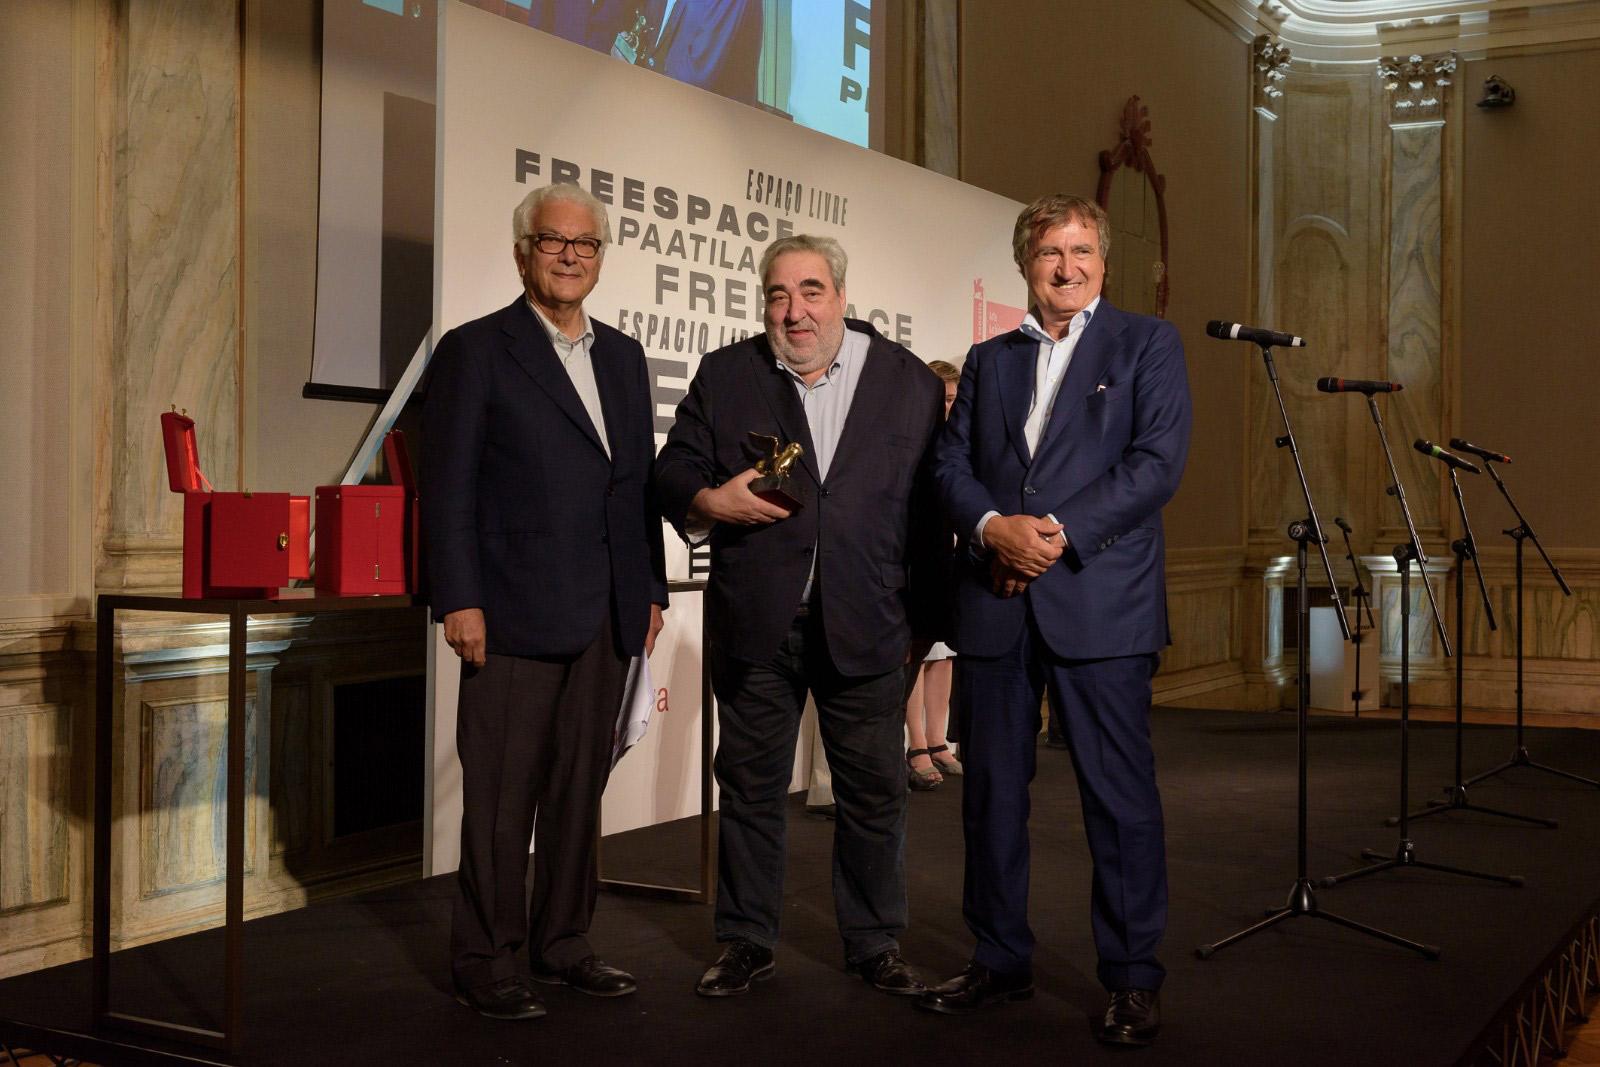 Cerimonia di premiazione - Souto de Moura © La Biennale di Venezia